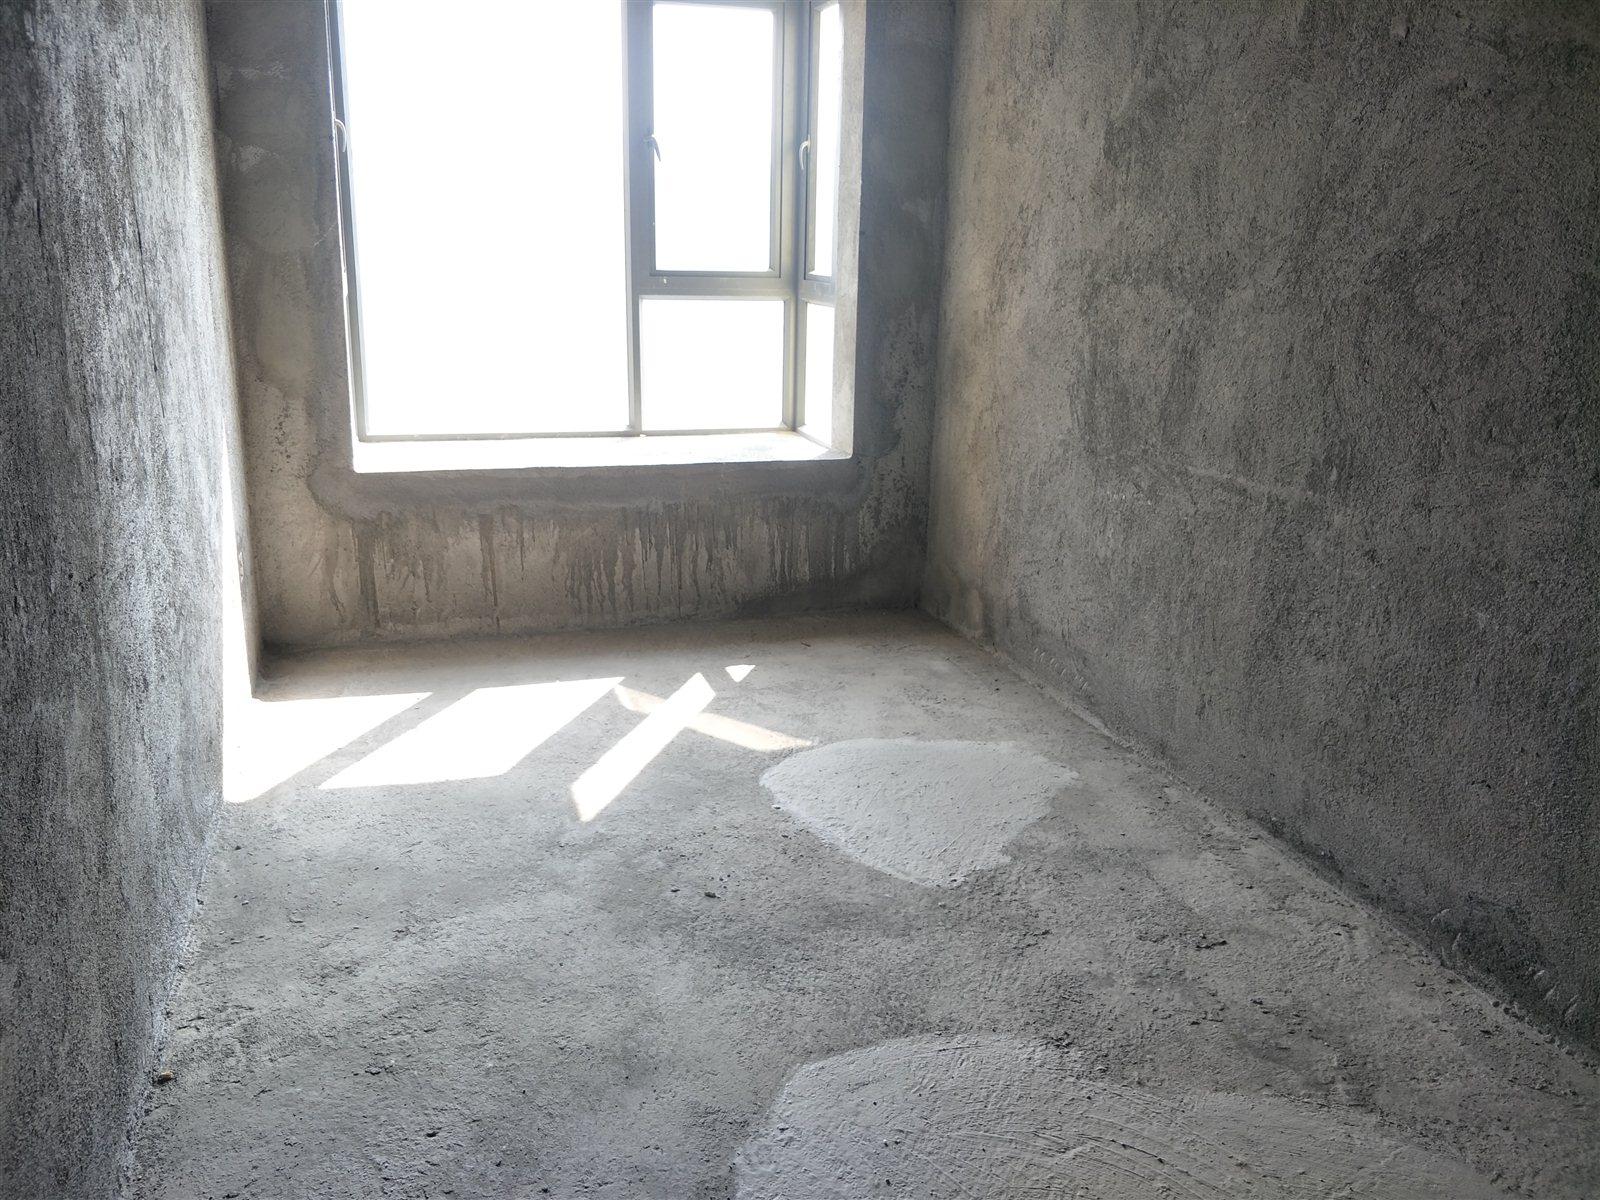 九天慧都龙城3室 2厅 1卫47.7万元黄金楼层